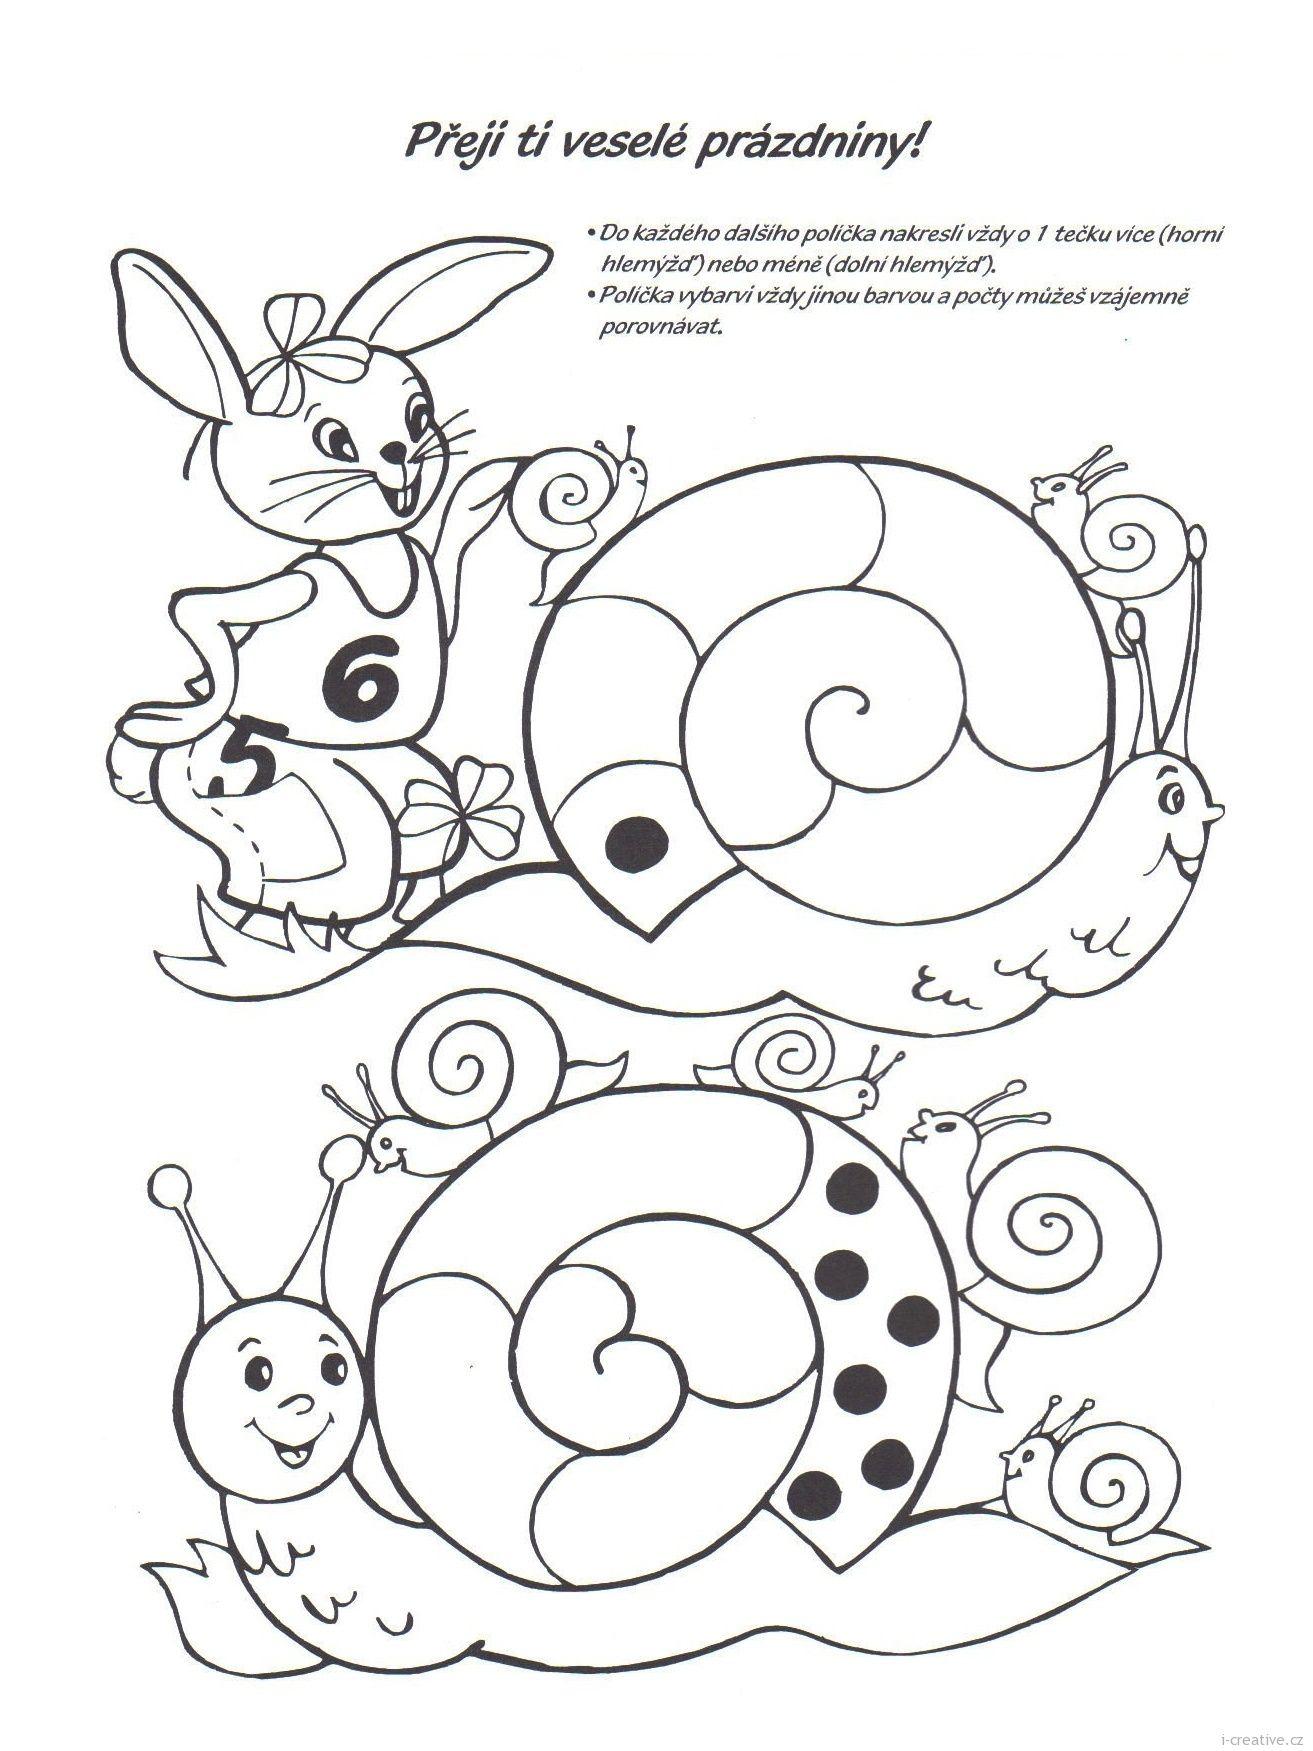 Pracovni Zabavne Grafomotoricke Listy K Vytisknuti Na Tema Jaro